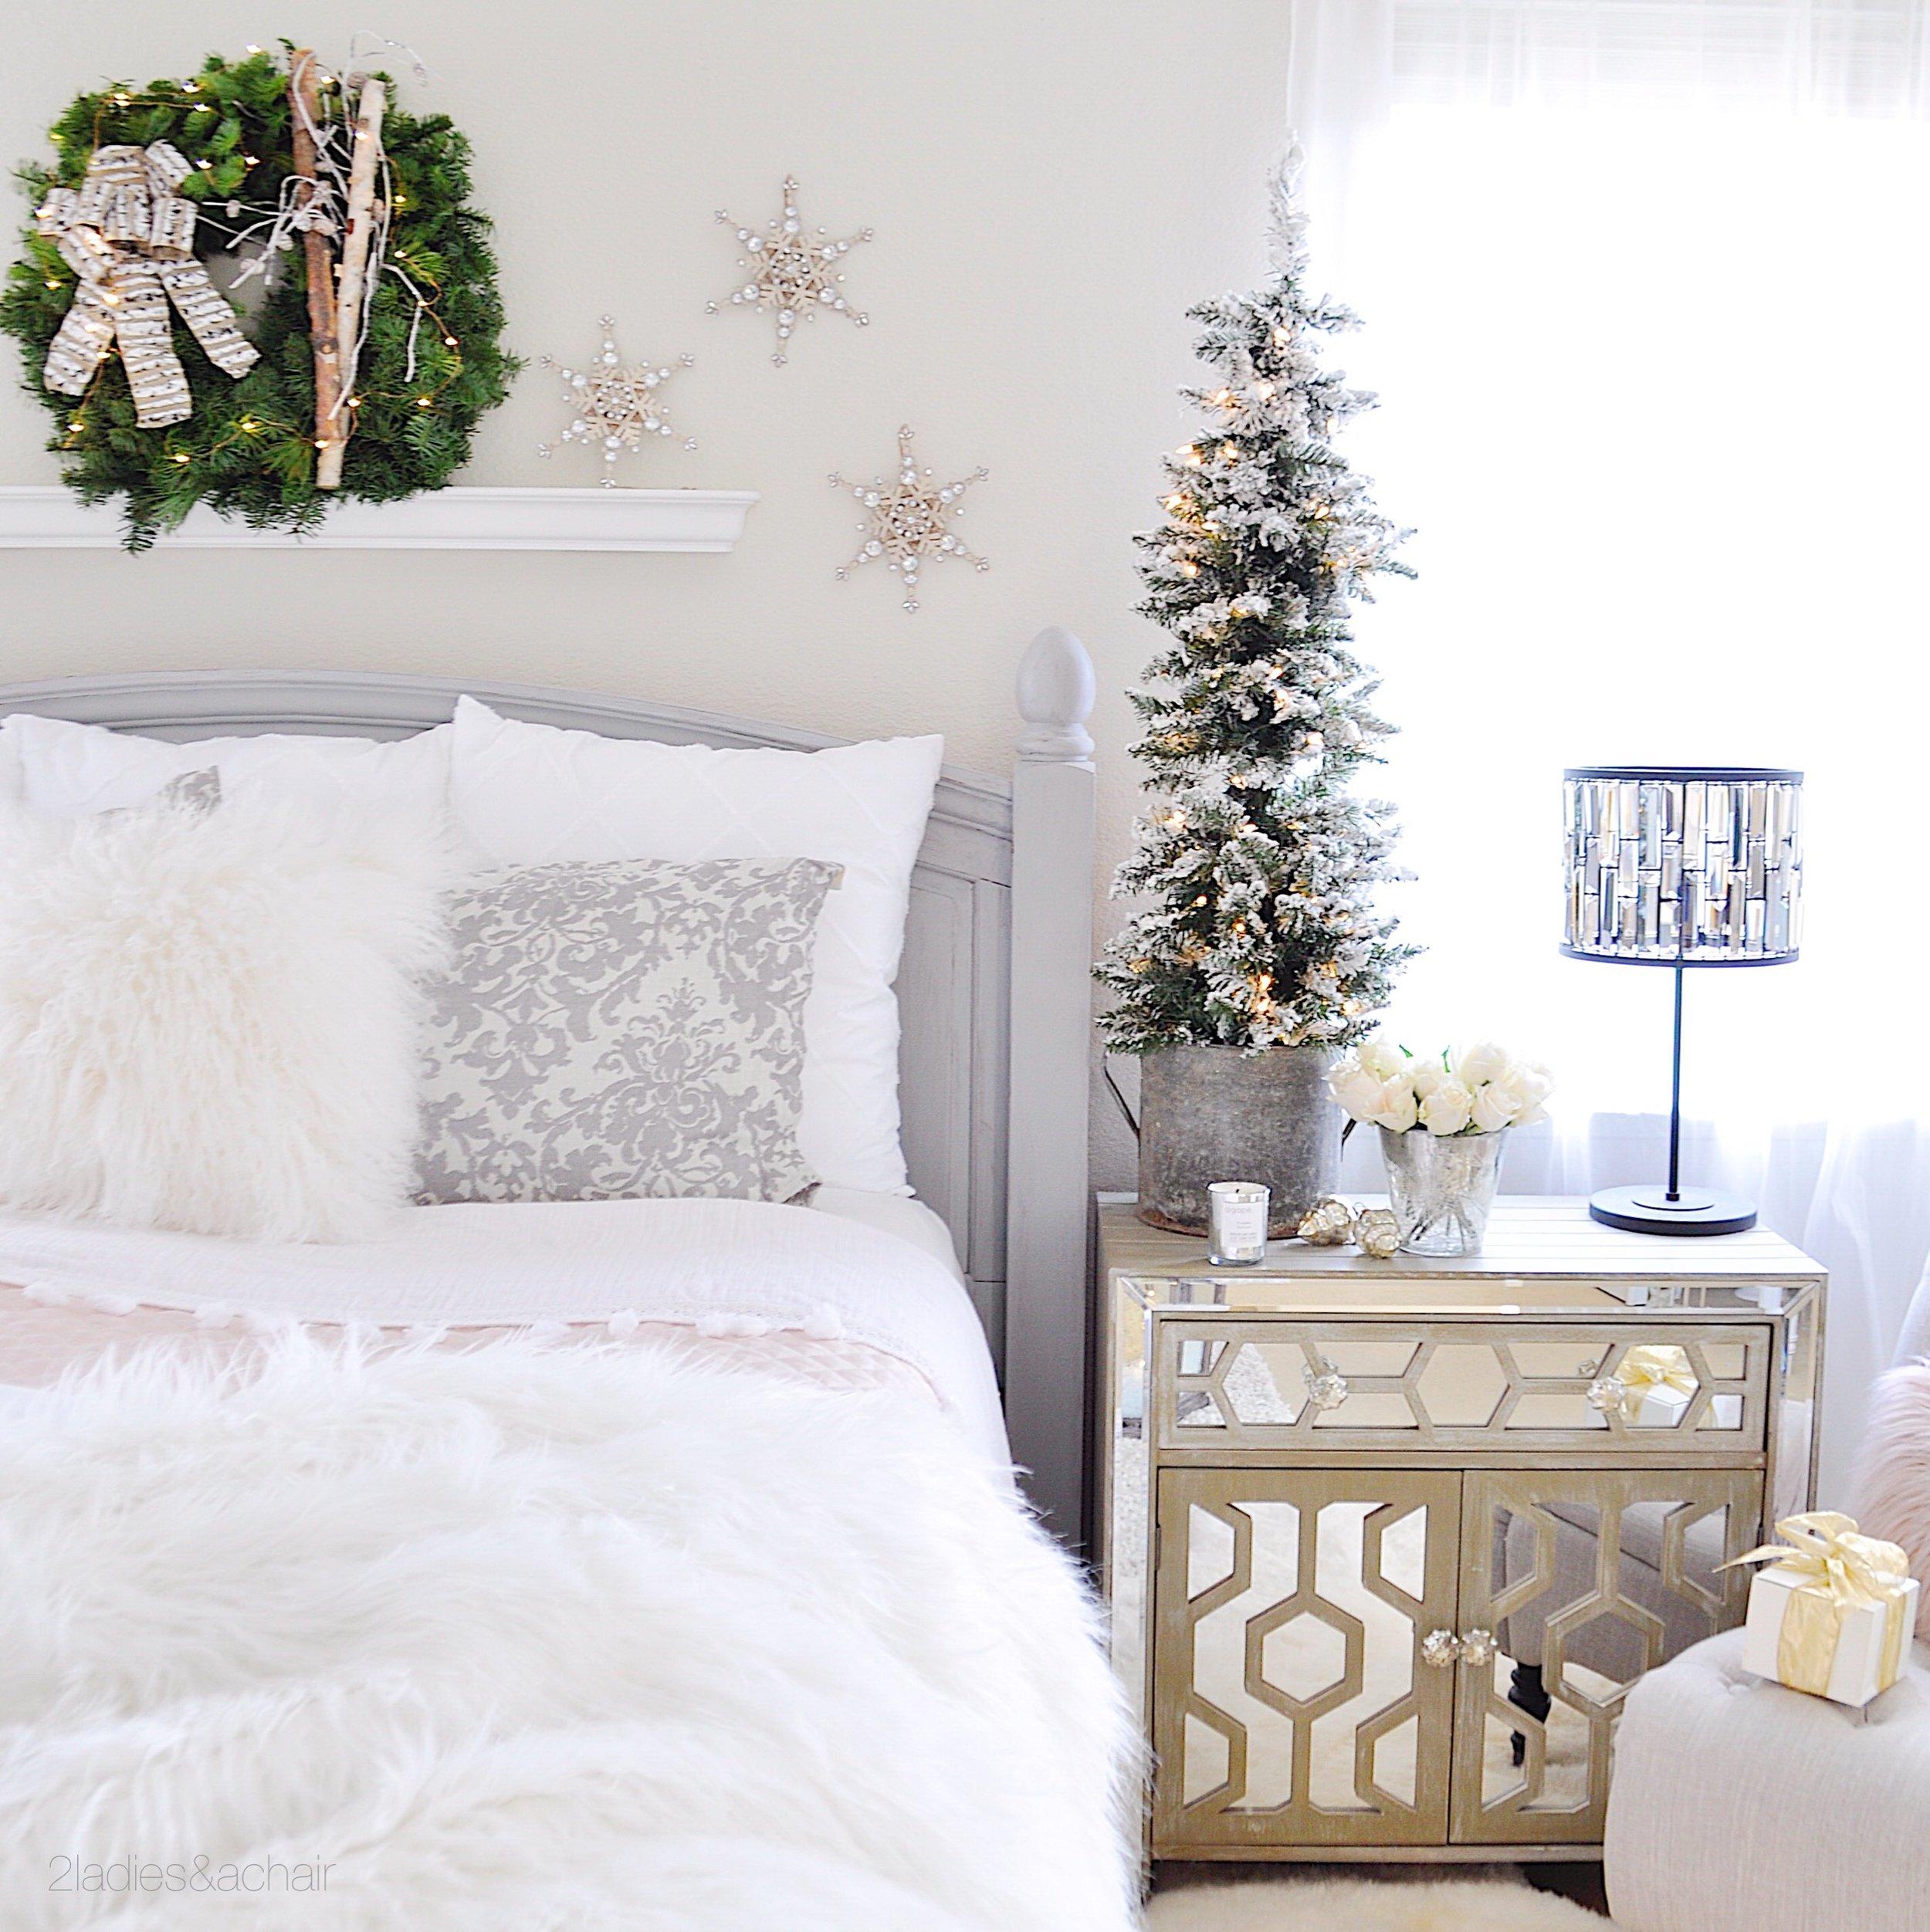 christmas bedroom decor IMG_9861.JPG